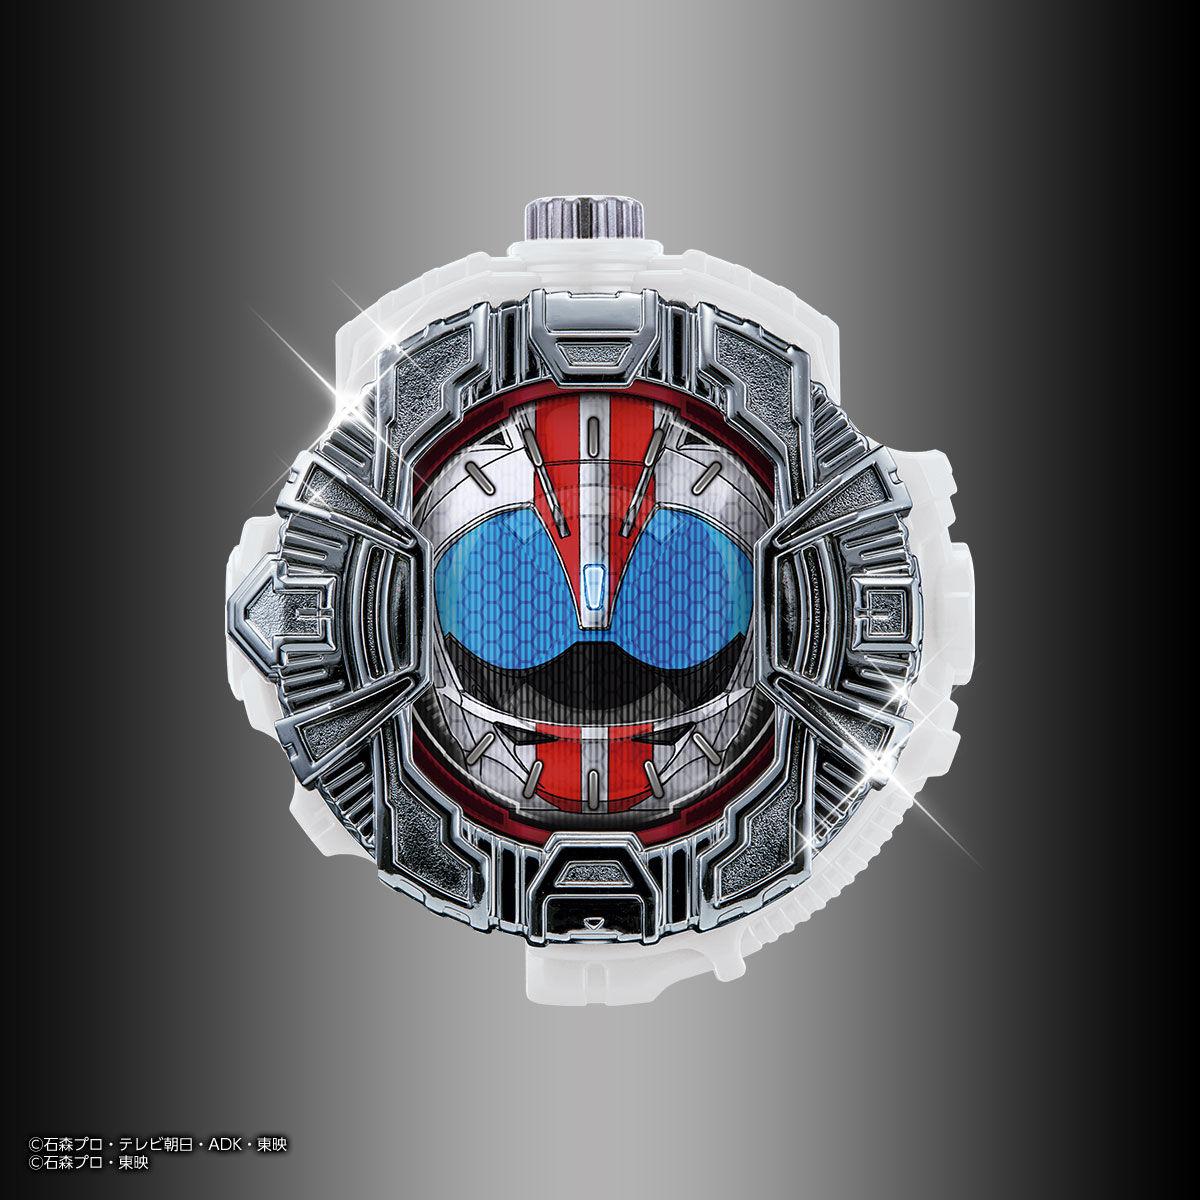 仮面ライダージオウ サウンドライドウォッチシリーズ『GPライドウォッチPB02』ガシャポン-002